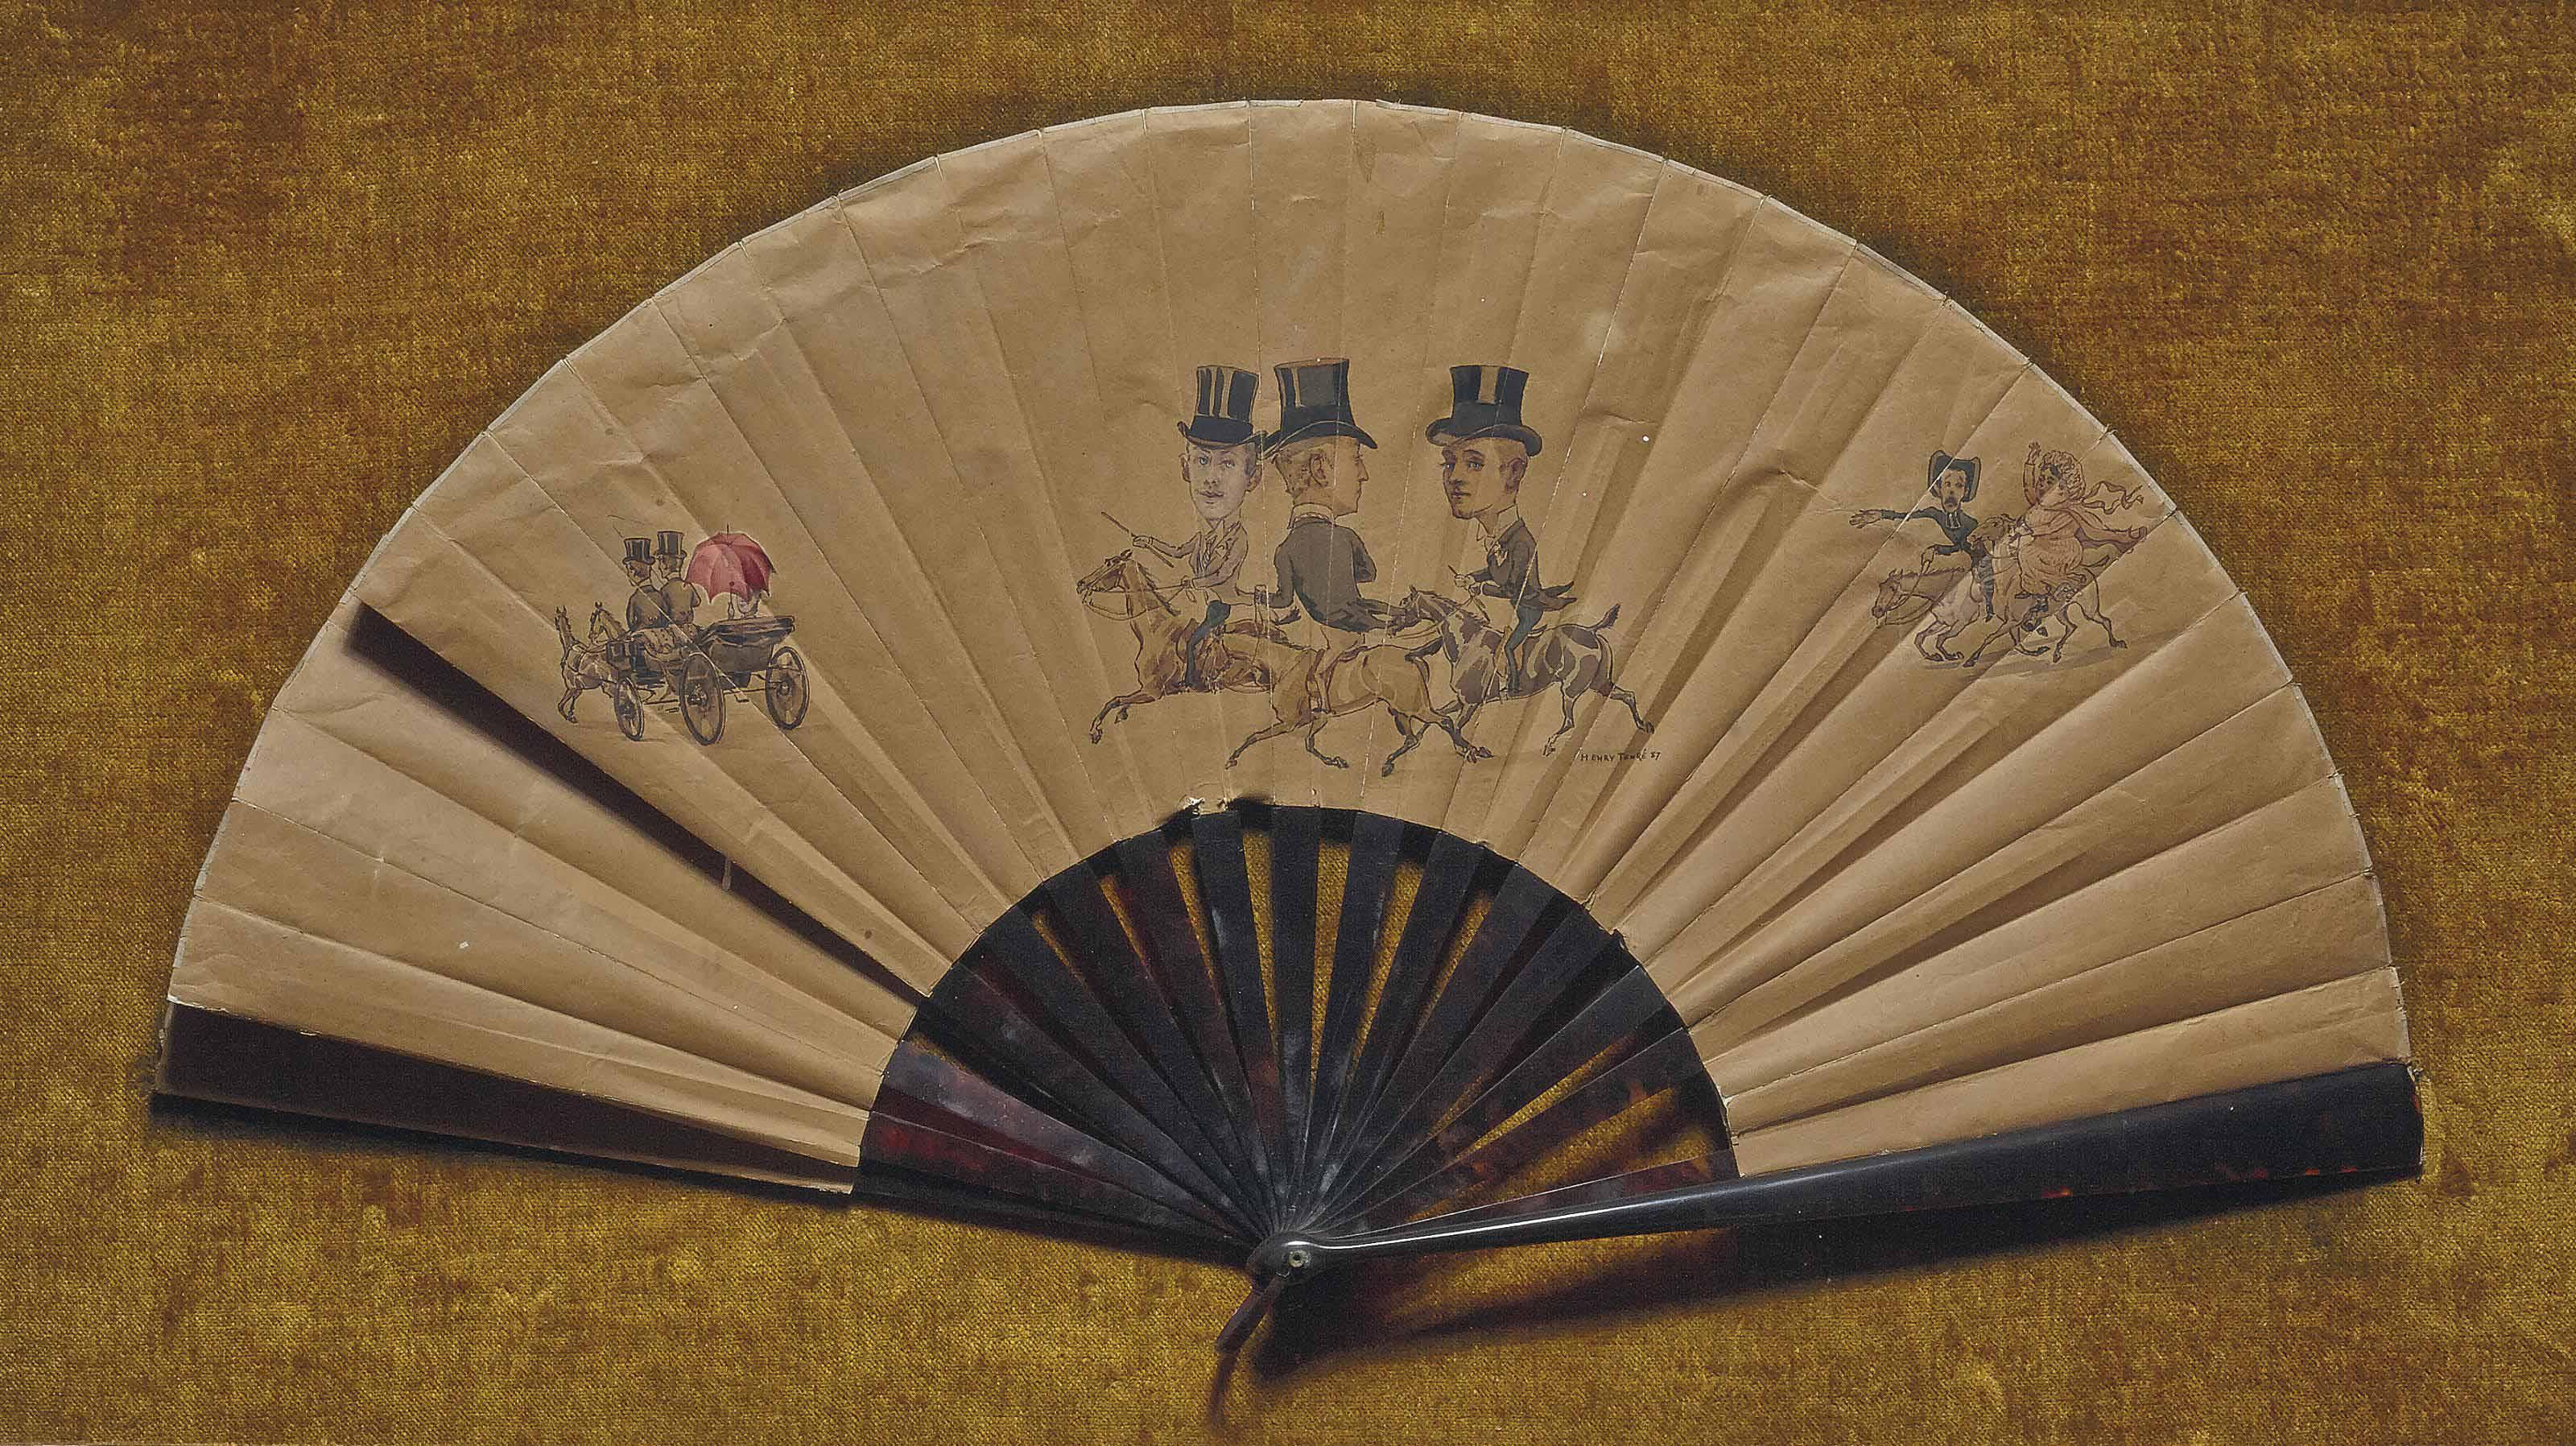 Eventail représentant les trois frères Castellane caricaturés (Boni, Stanislas et Jean) voulant suivre une courtisane dans une calèche, madame Laure Hayman, eux-même suivis par leur gouvernante et leur abbé instituteur